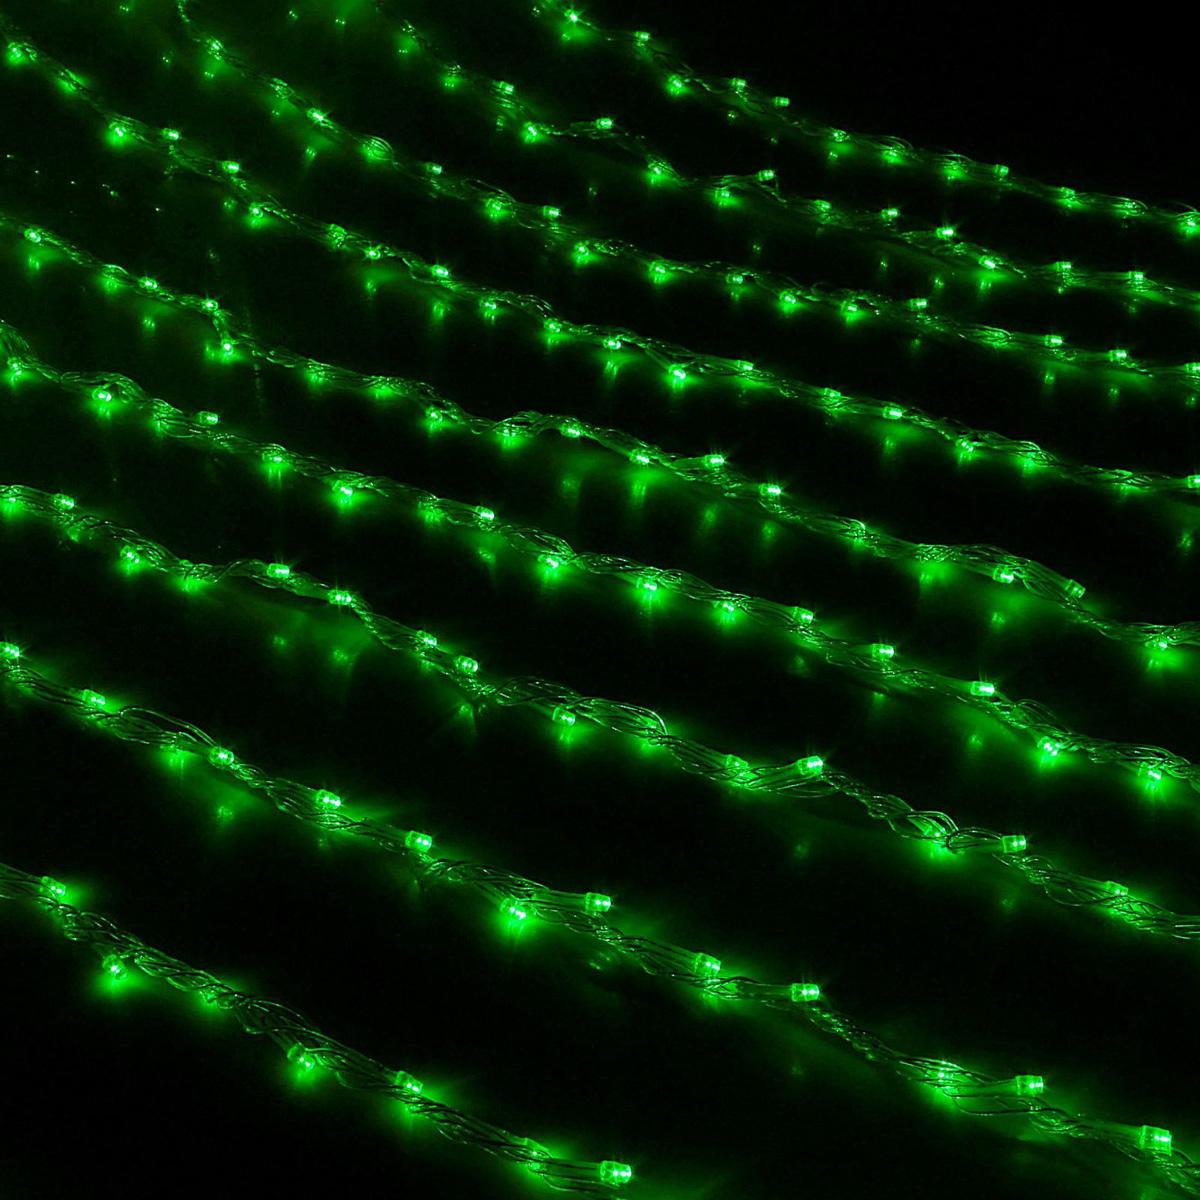 Гирлянда светодиодная Luazon Дождь, уличная, 8 режимов, 400 ламп, 220 V, цвет: зеленый, 2 х 1,5 м. 187290187290Светодиодные гирлянды, ленты и т.д — это отличный вариант для новогоднего оформления интерьера или фасада. С их помощью помещение любого размера можно превратить в праздничный зал, а внешние элементы зданий, украшенные ими, мгновенно станут напоминать очертания сказочного дворца. Такие украшения создают ауру предвкушения чуда. Деревья, фасады, витрины, окна и арки будто специально созданы, чтобы вы украсили их светящимися нитями.